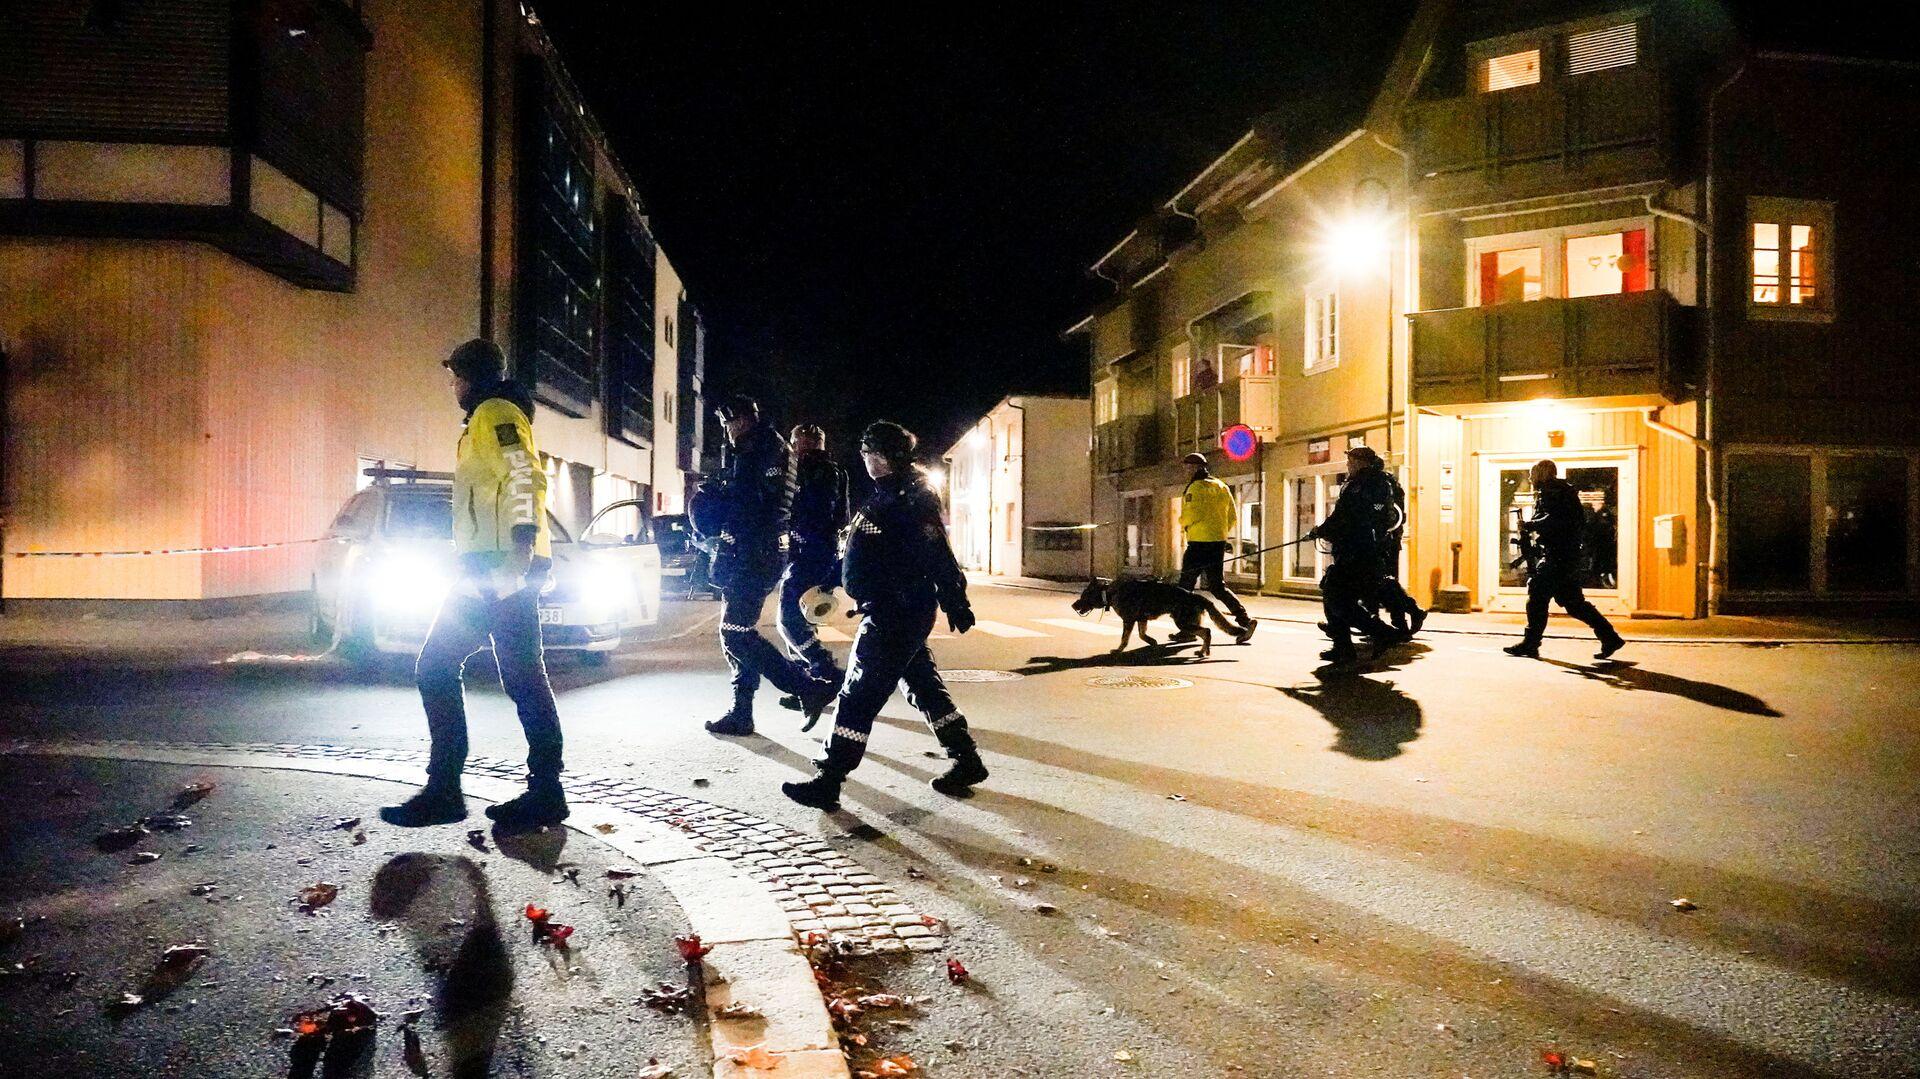 Policie na místě útoku  v norském Kongsbergu - Sputnik Česká republika, 1920, 14.10.2021